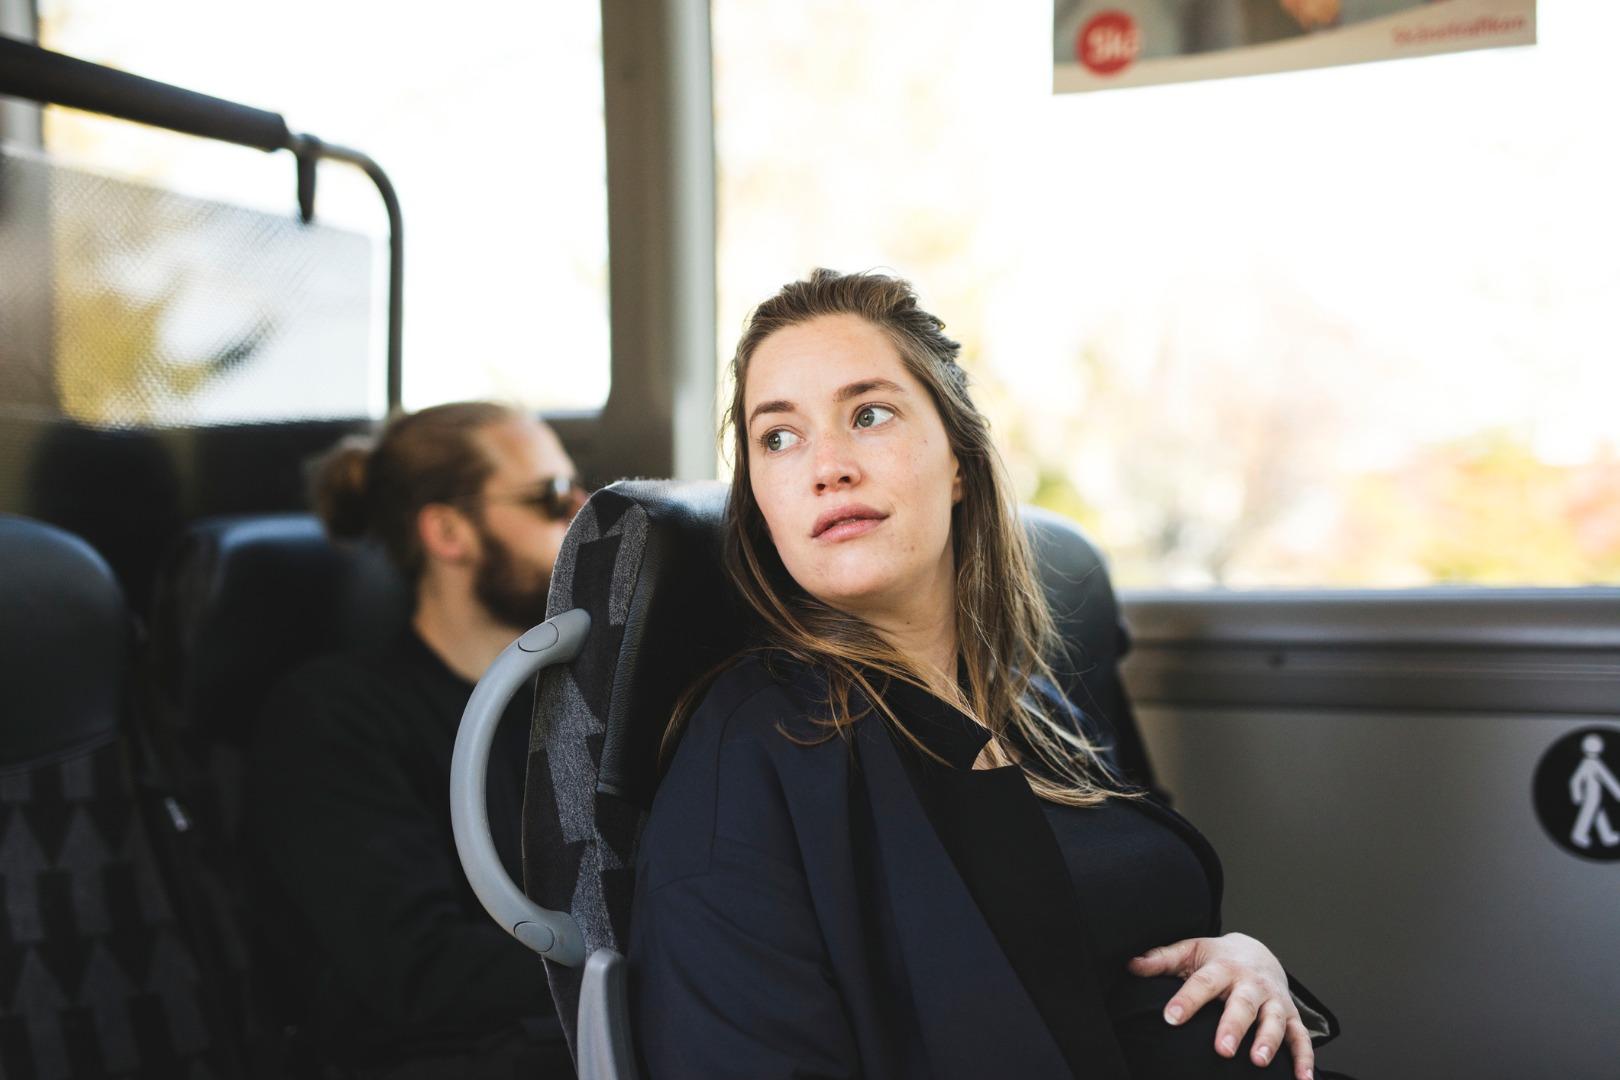 Как беременной получить место в транспорте?